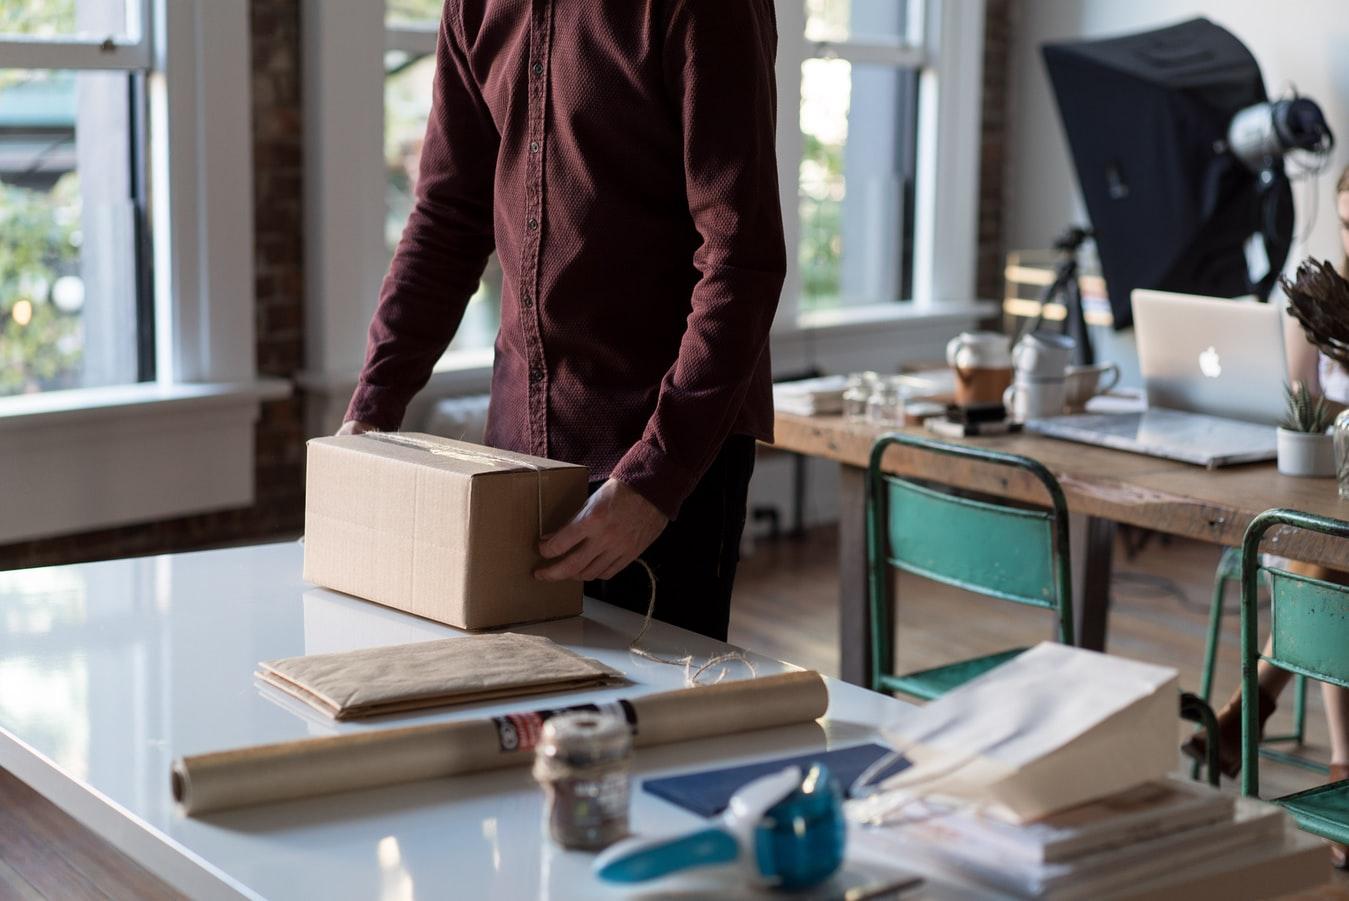 Aprire un sito e commerce senza partita IVA